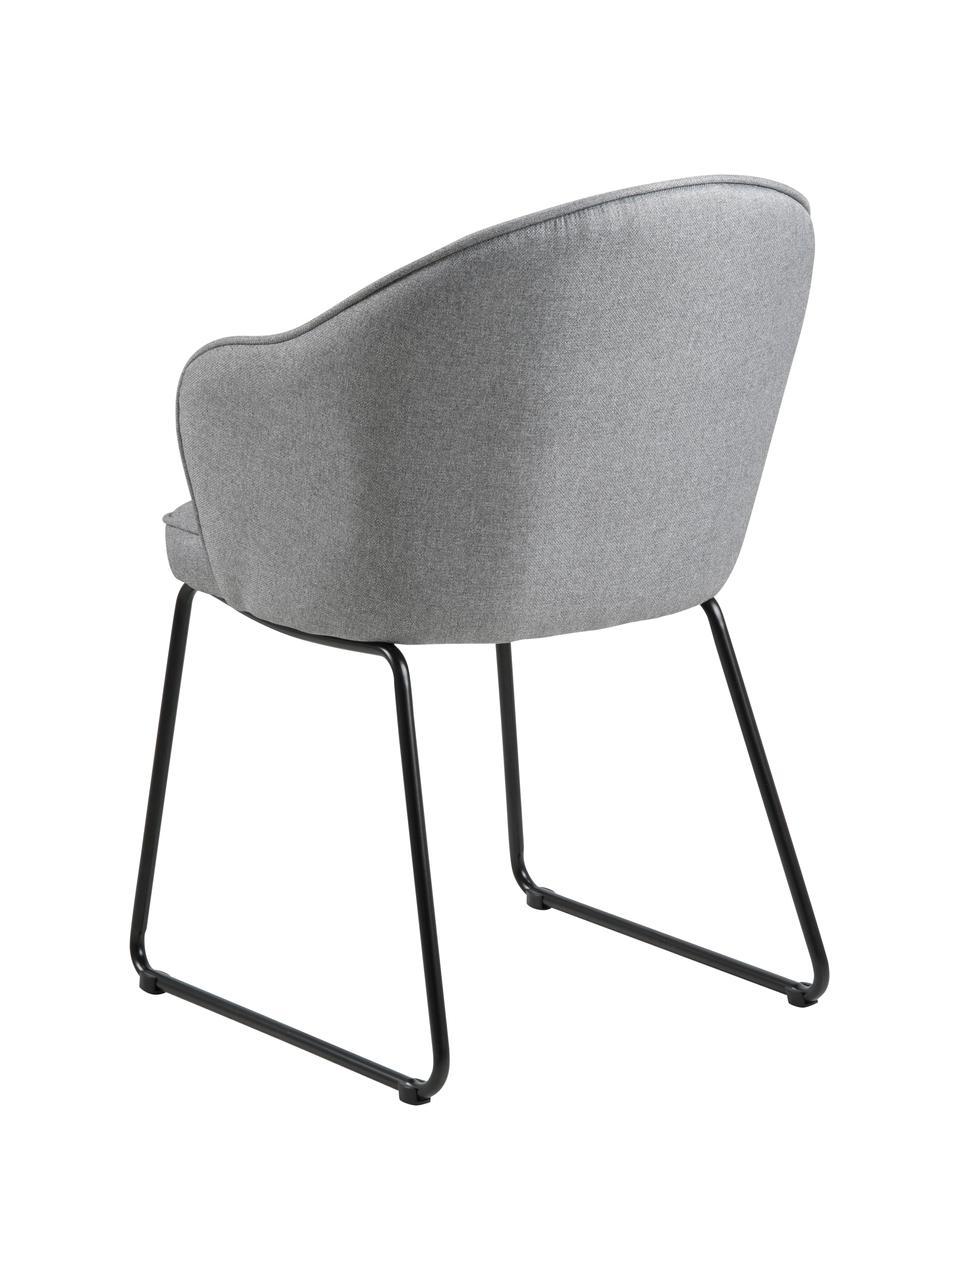 Chaise design Mitzie, Tissu gris clair, pieds noir